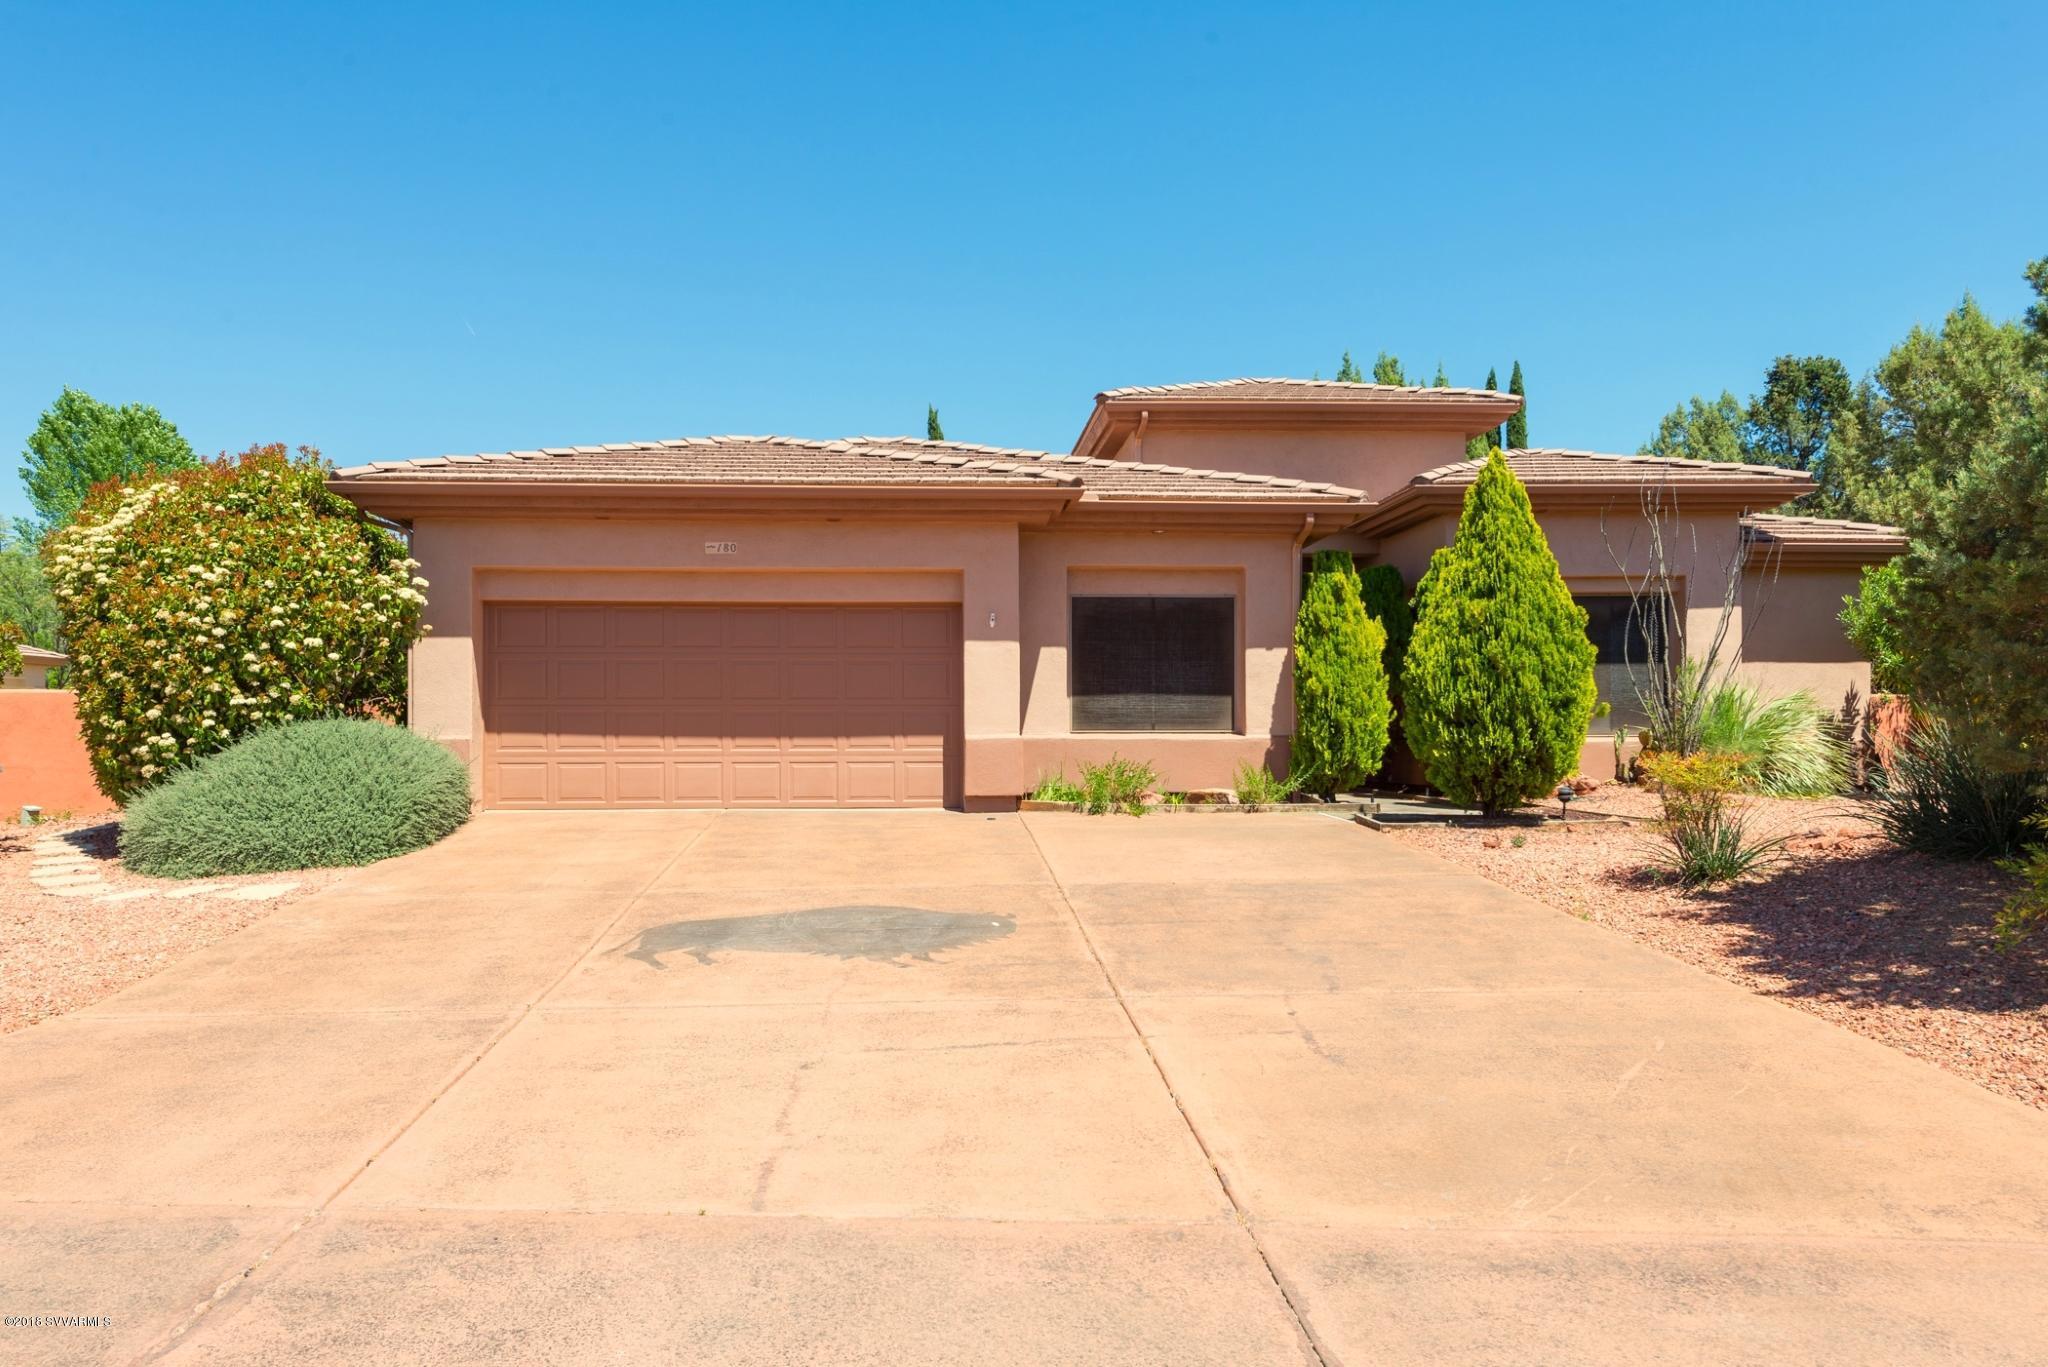 180 Ridge Rock Rd Sedona, AZ 86351